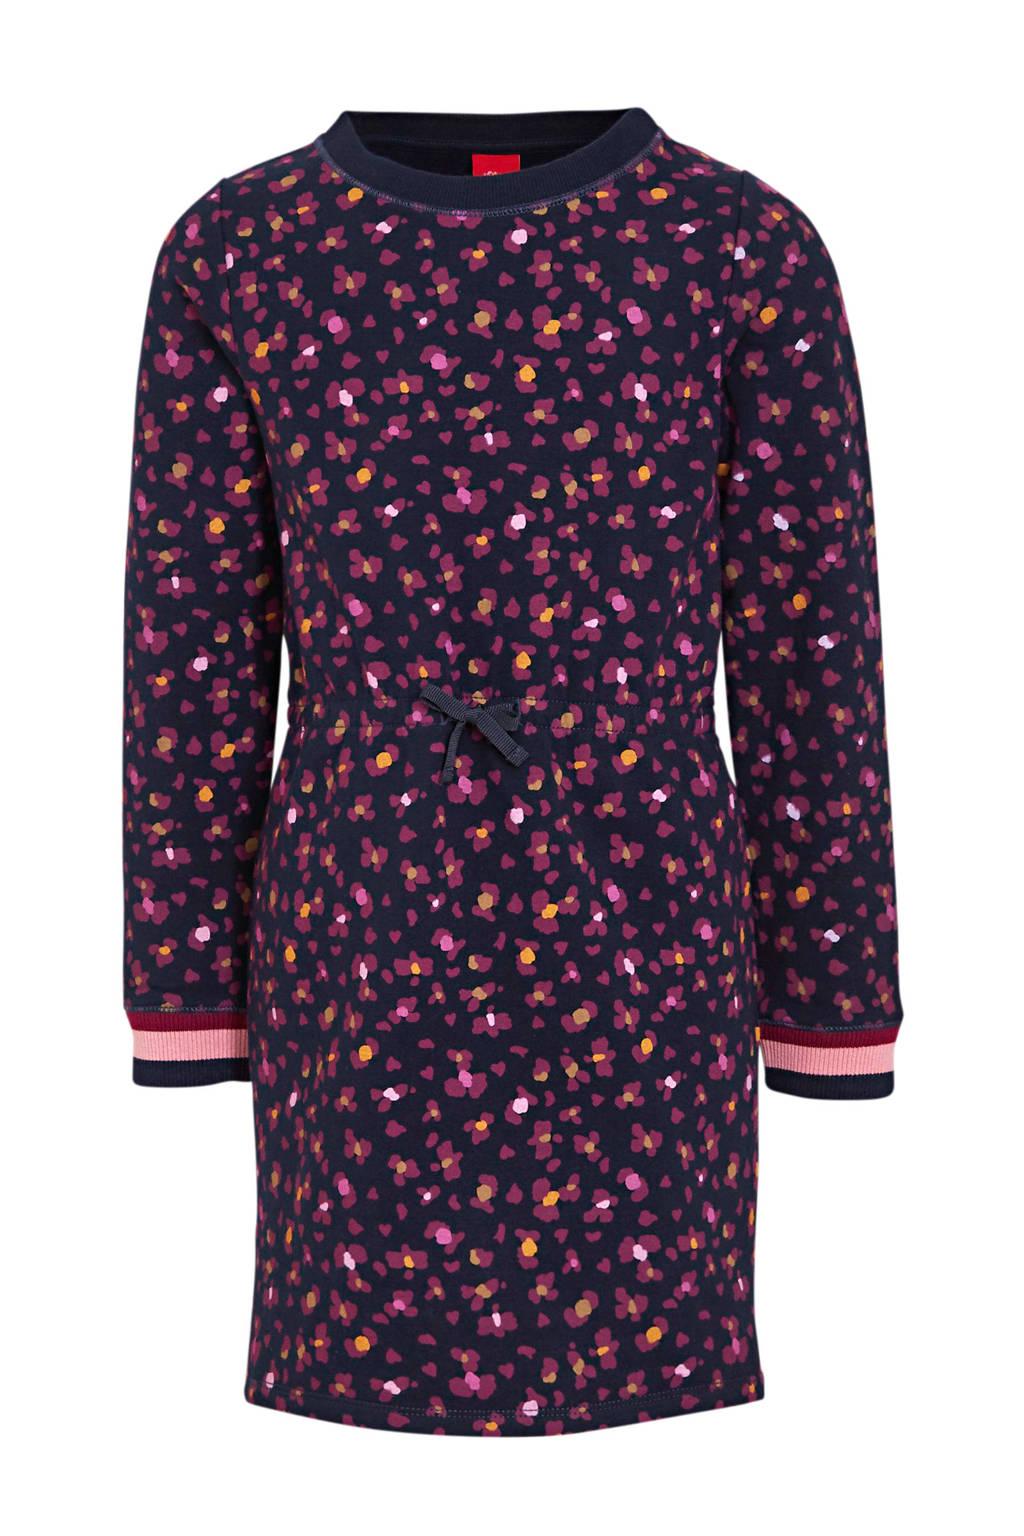 s.Oliver jurk met all over print blauw/zwart/geel, Blauw/zwart/geel